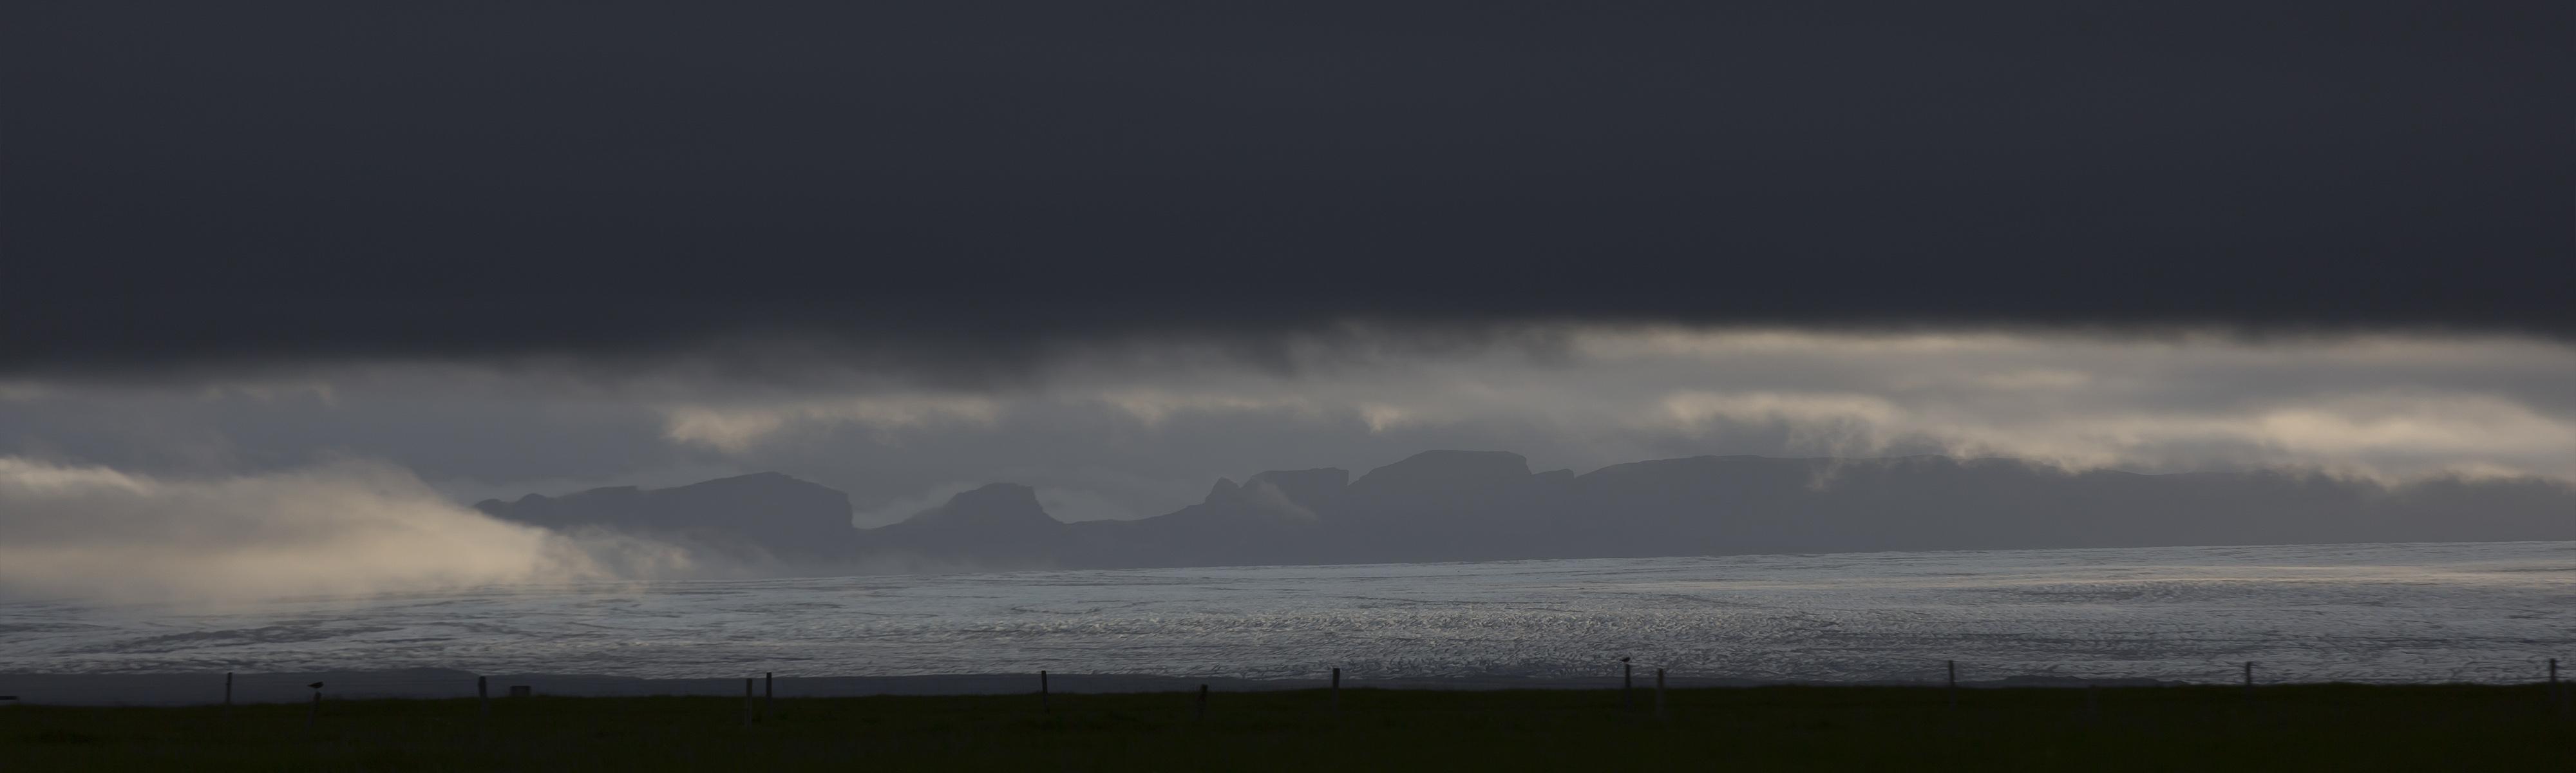 Sliderbild Gletscher Island mit Wolken